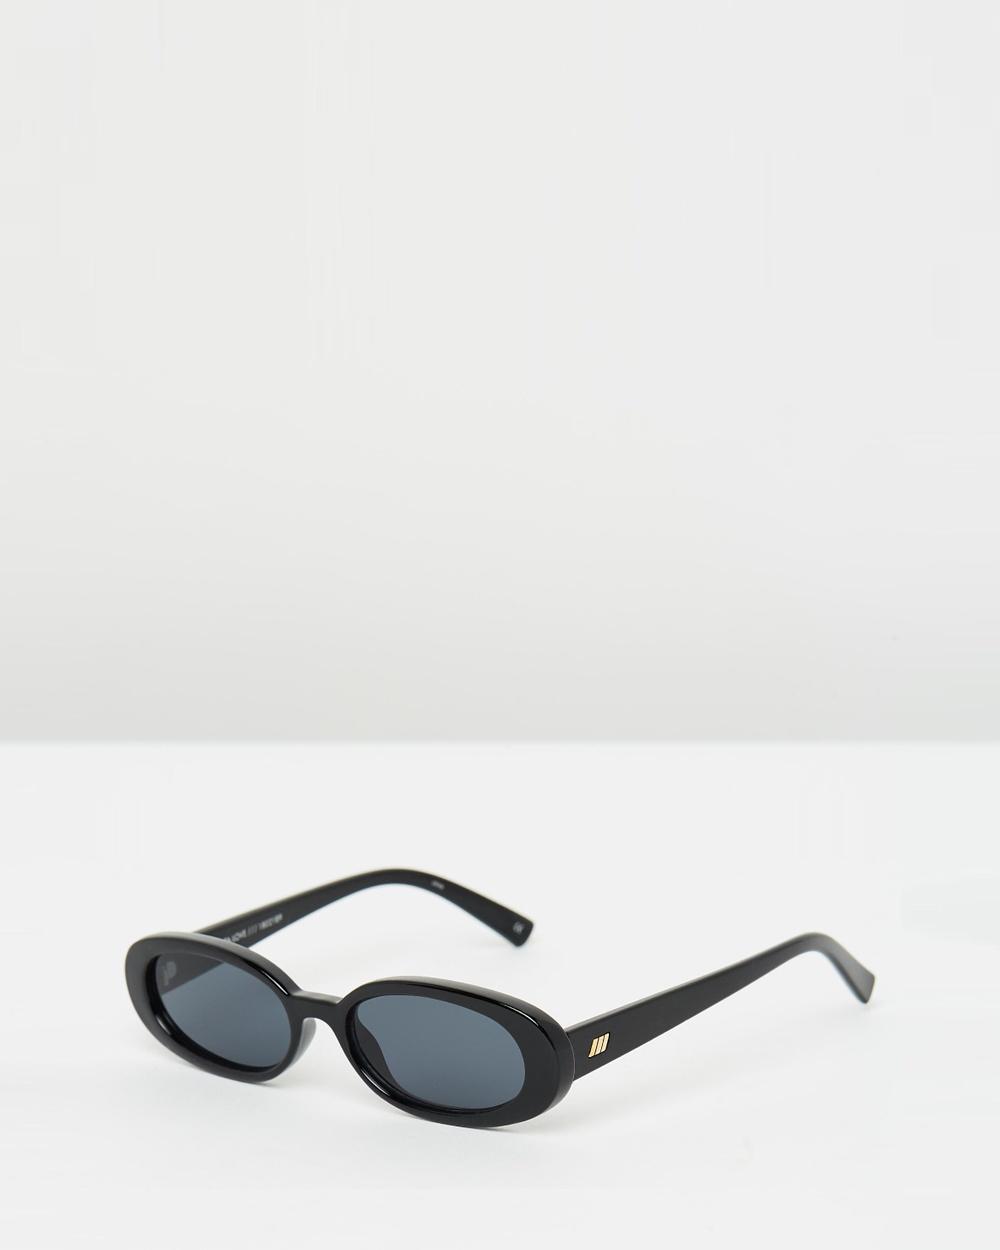 Le Specs Outta Love Sunglasses Black